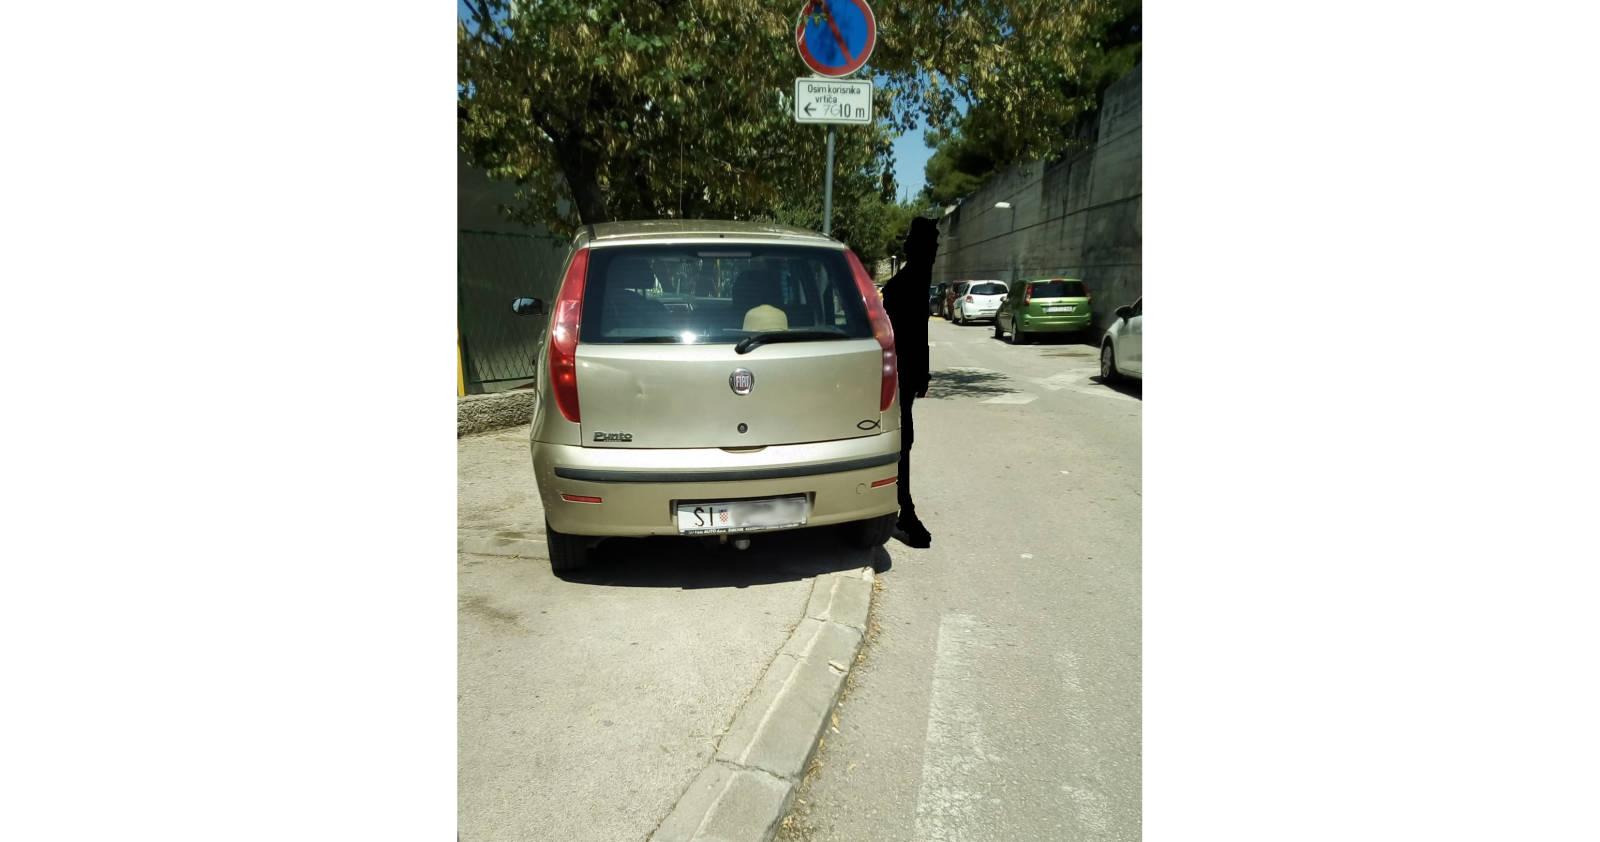 Parking na pješačkom prijelazu je jako loša ideja, pogotovo gdje ima puno djece